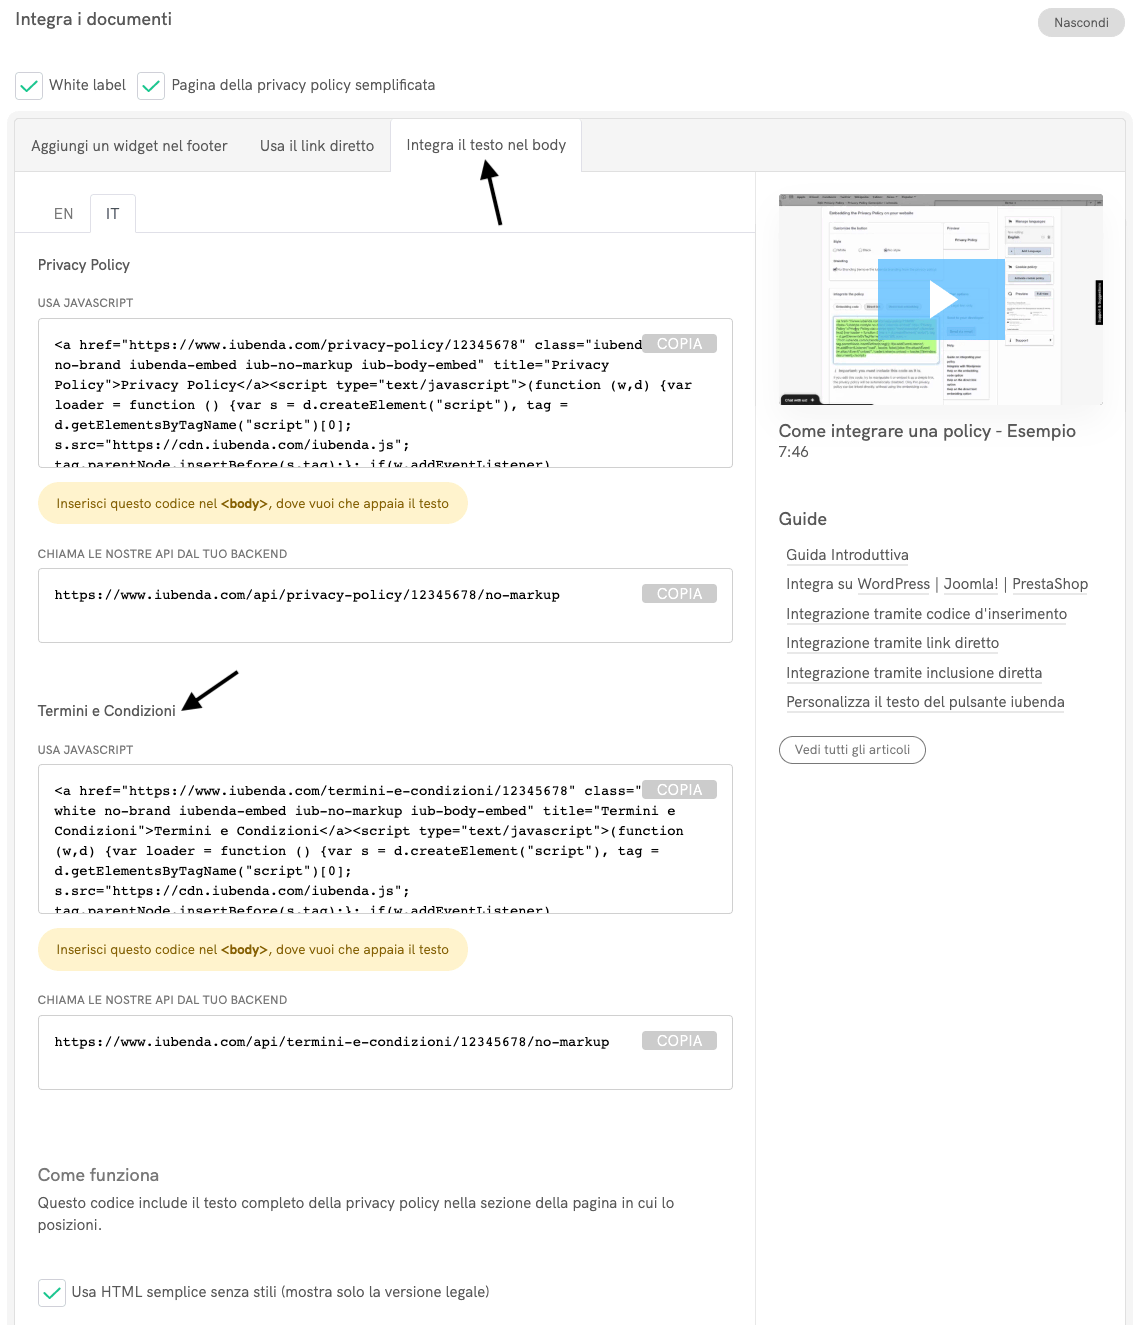 Termini e condizioni - Integrazione tramite inclusione diretta del testo